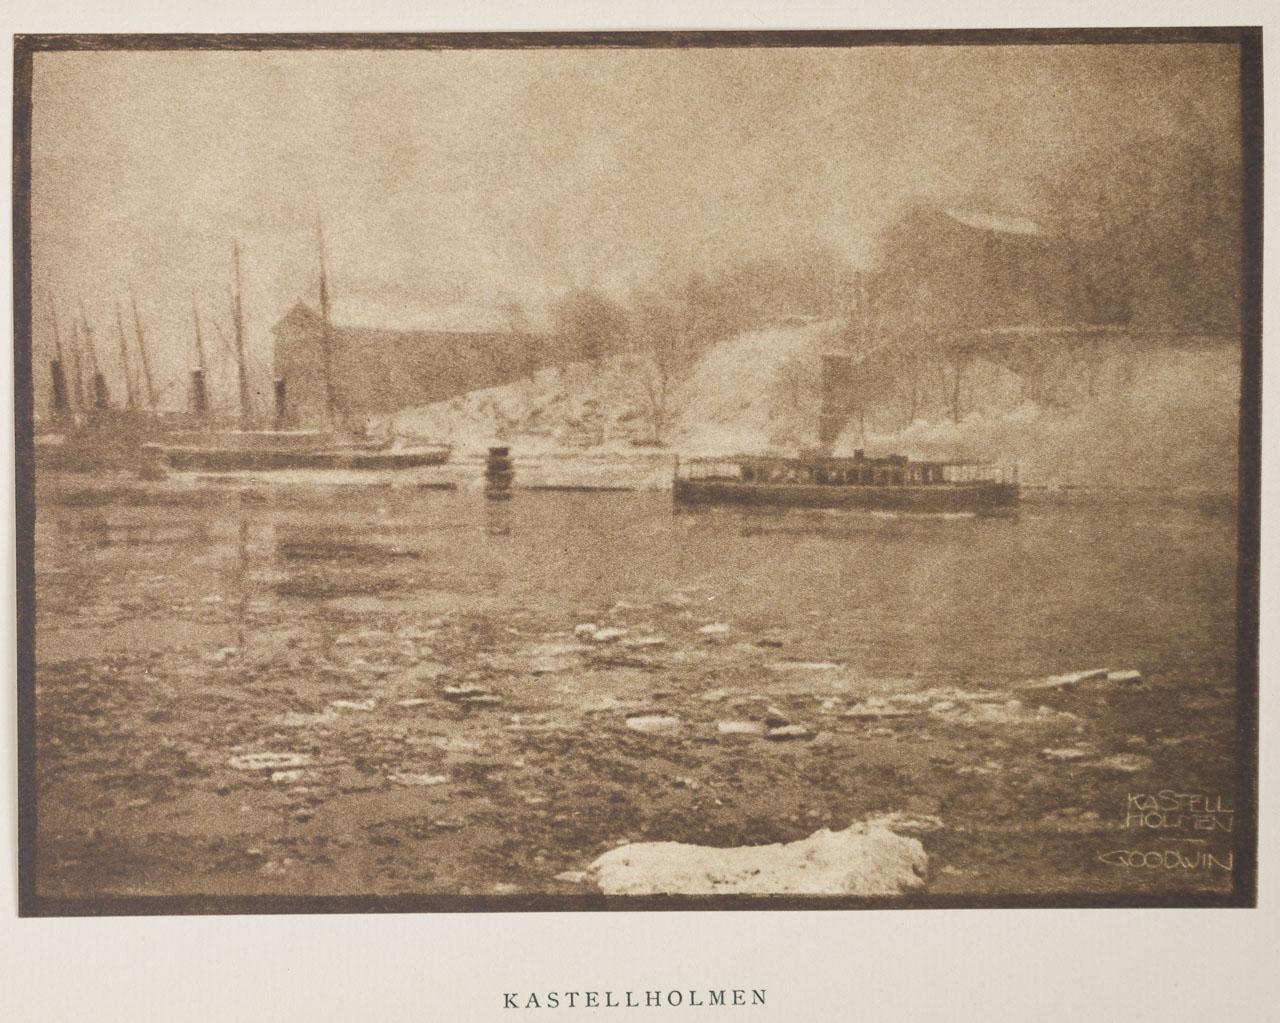 vartvackrastockholm-51.jpg